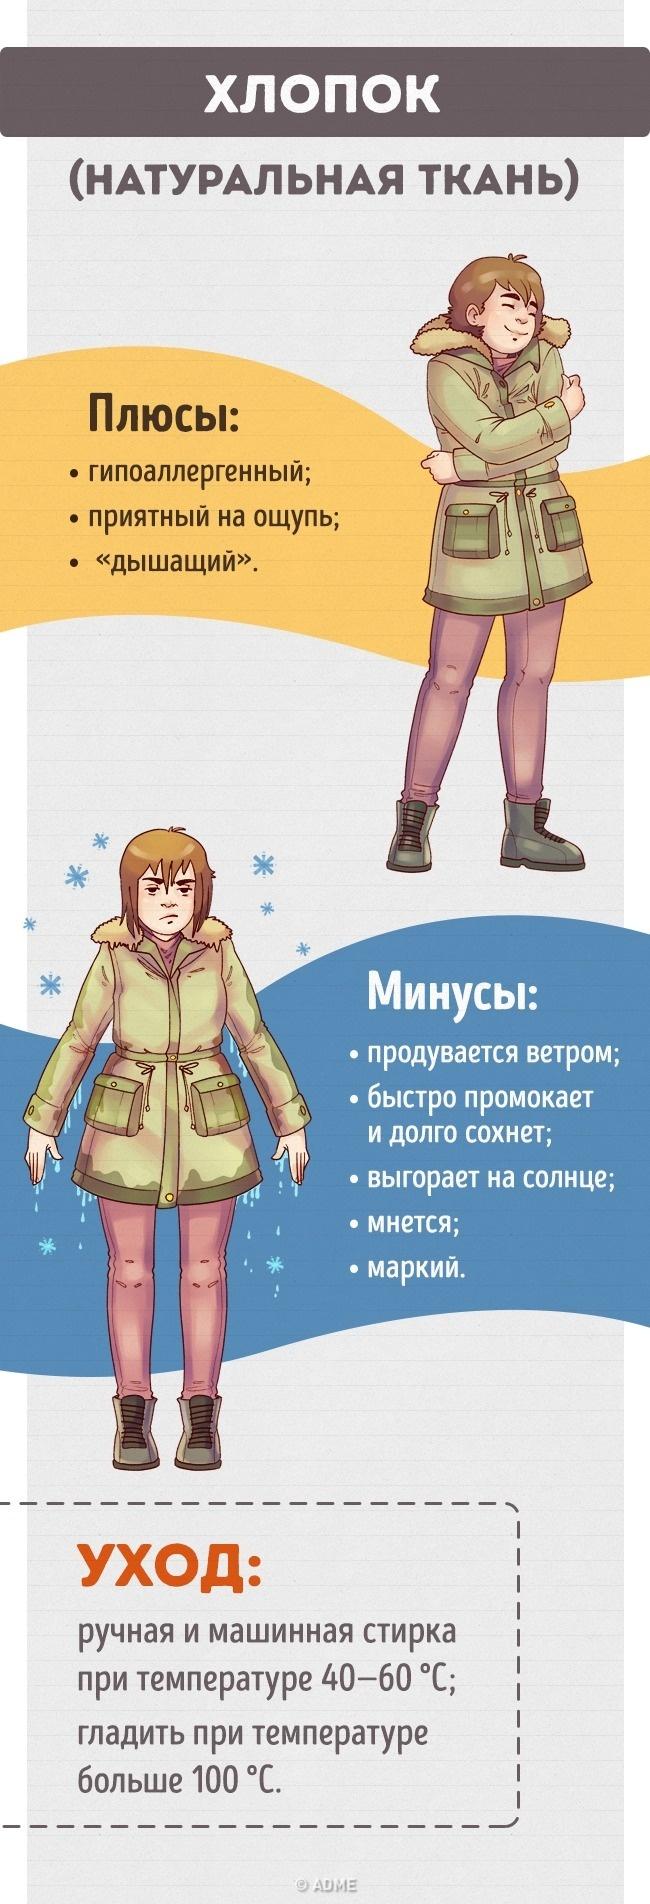 Как выбрать идеальную зимнюю куртку налюбую погоду